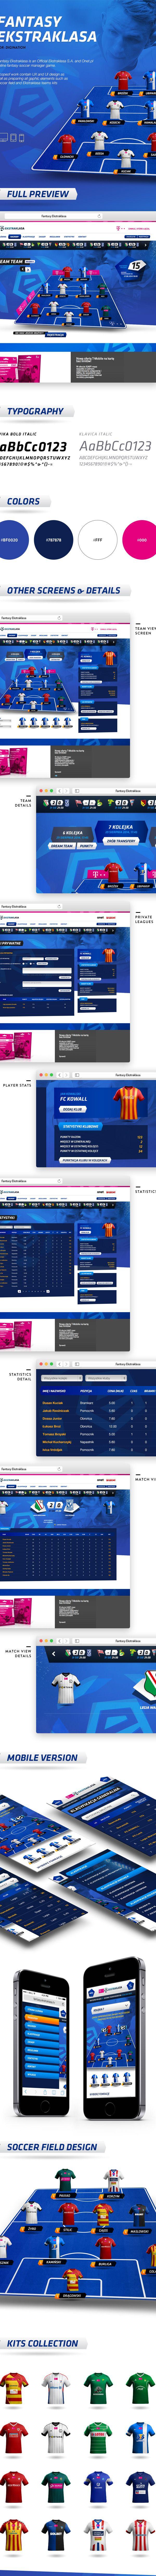 Fantasy Soccer - T-Mobile Ekstraklasa on Behance